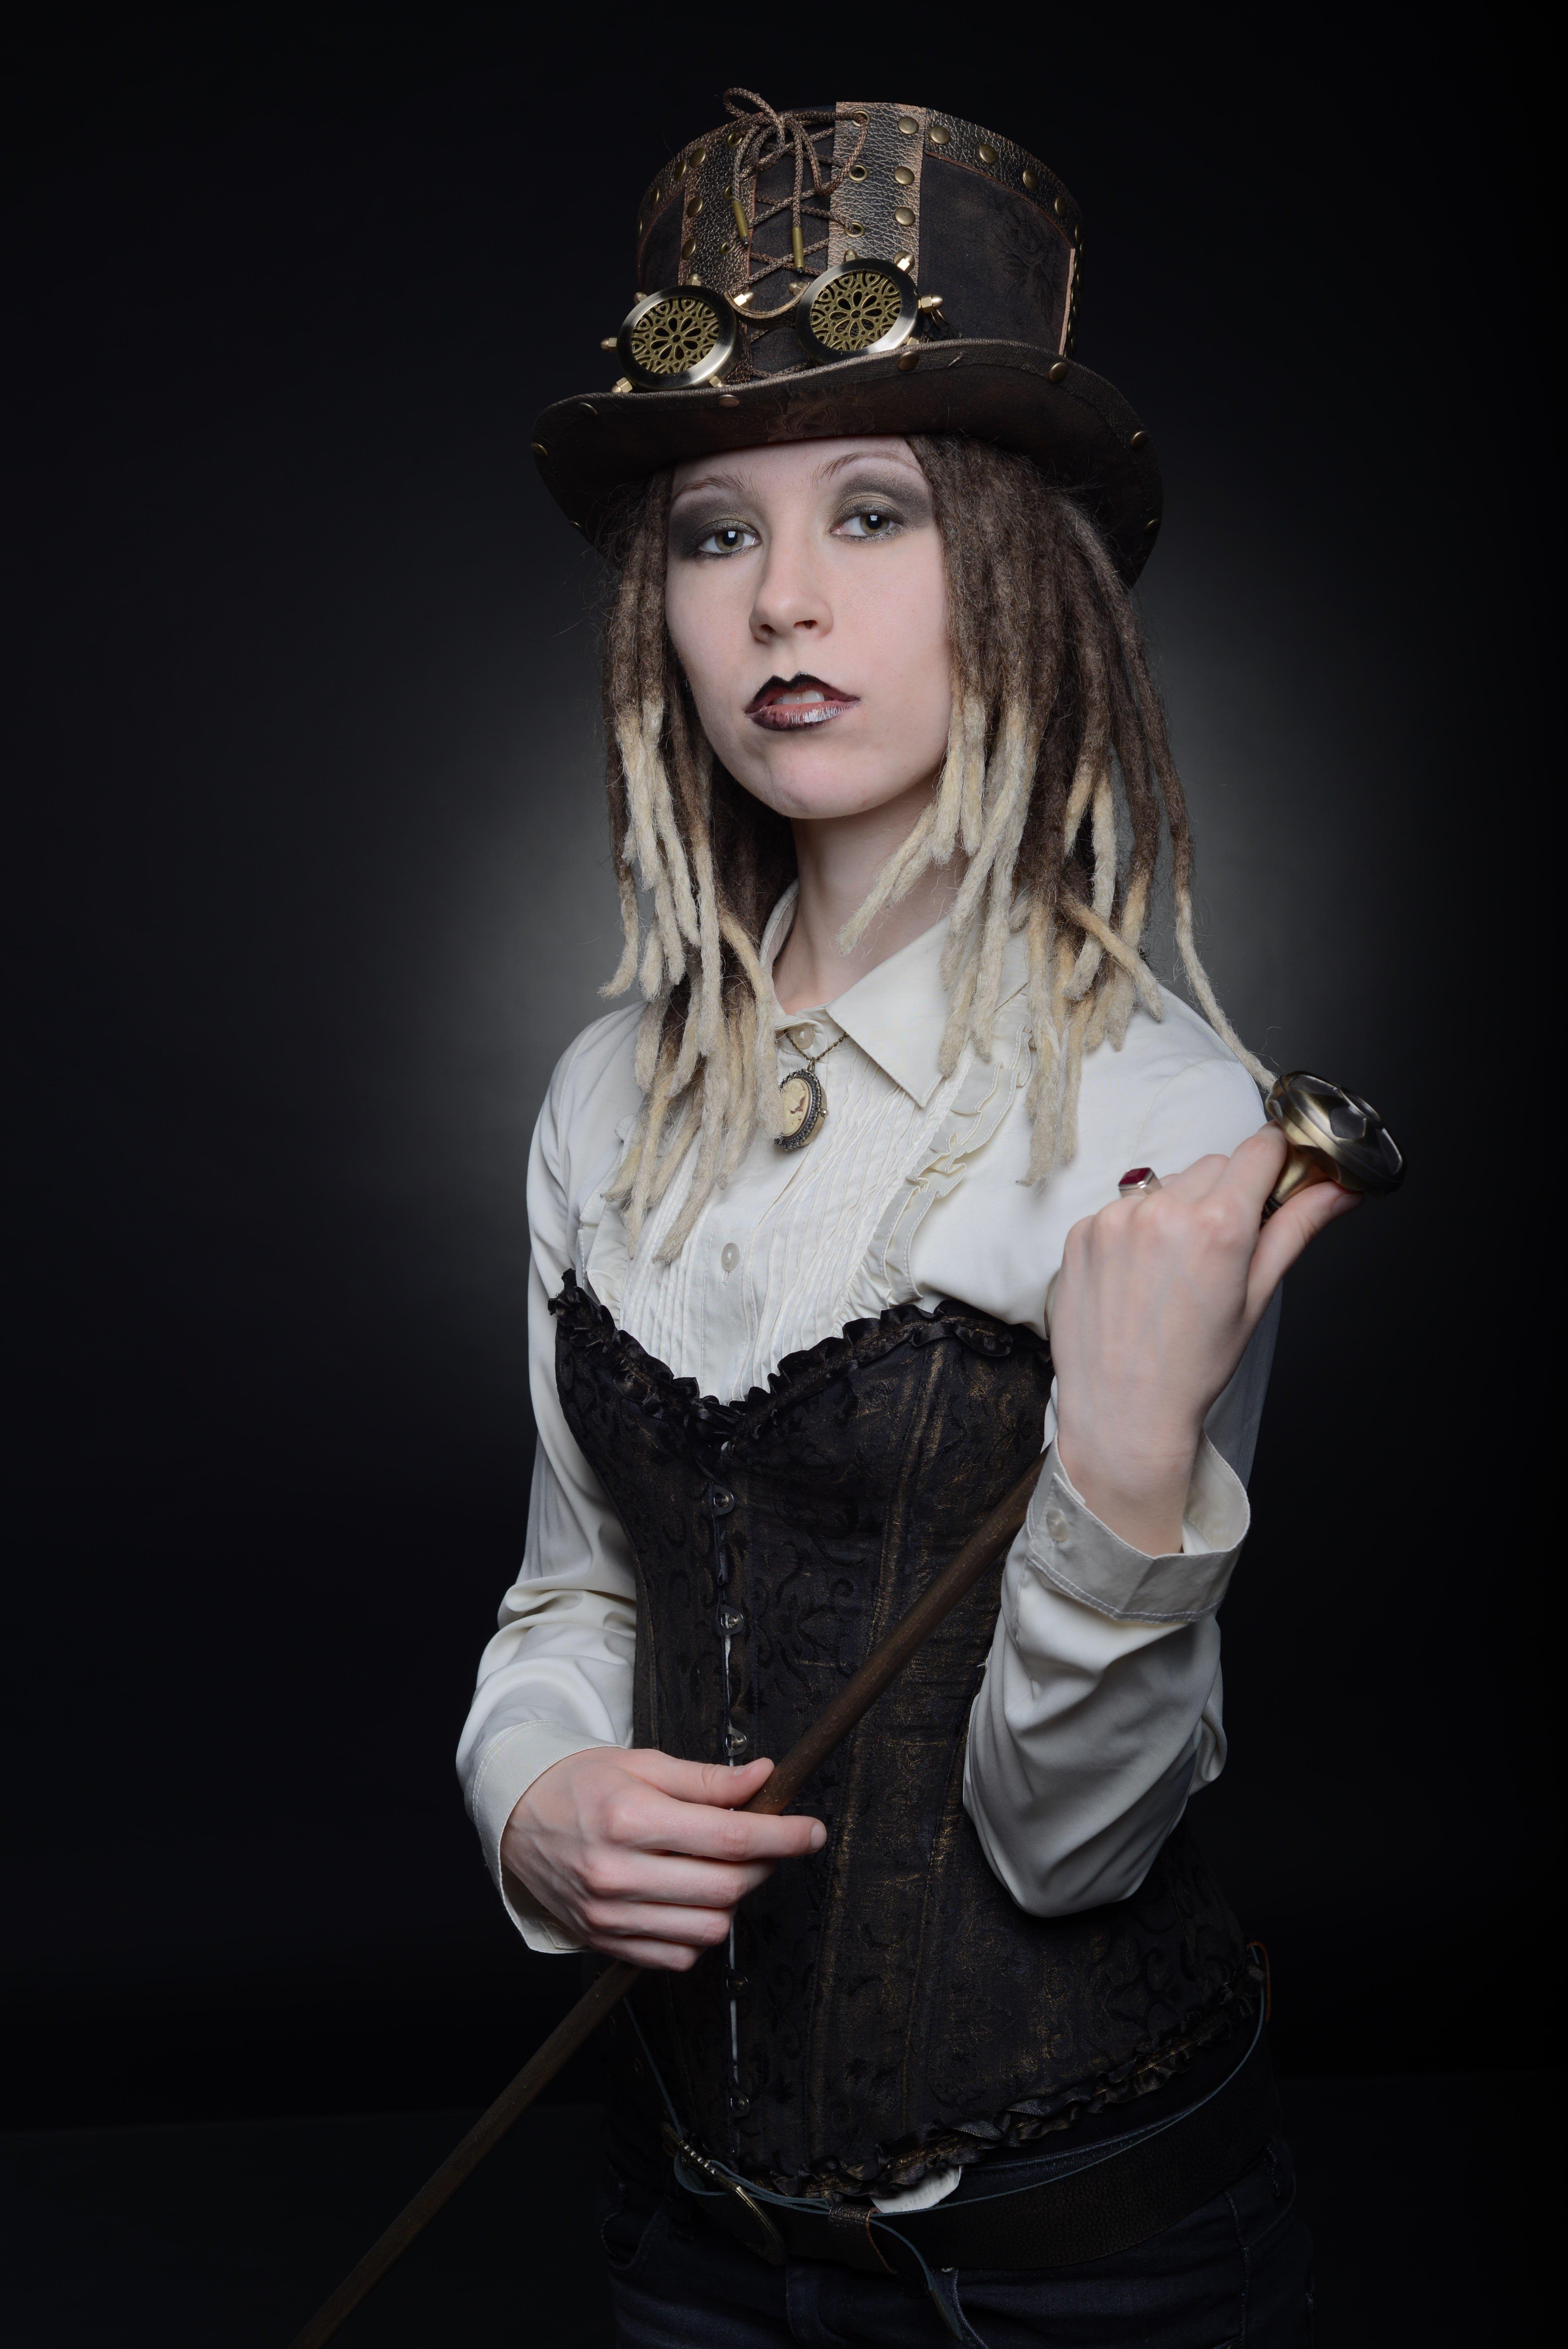 Фото девушки в цилиндре и с прогулочной тростью